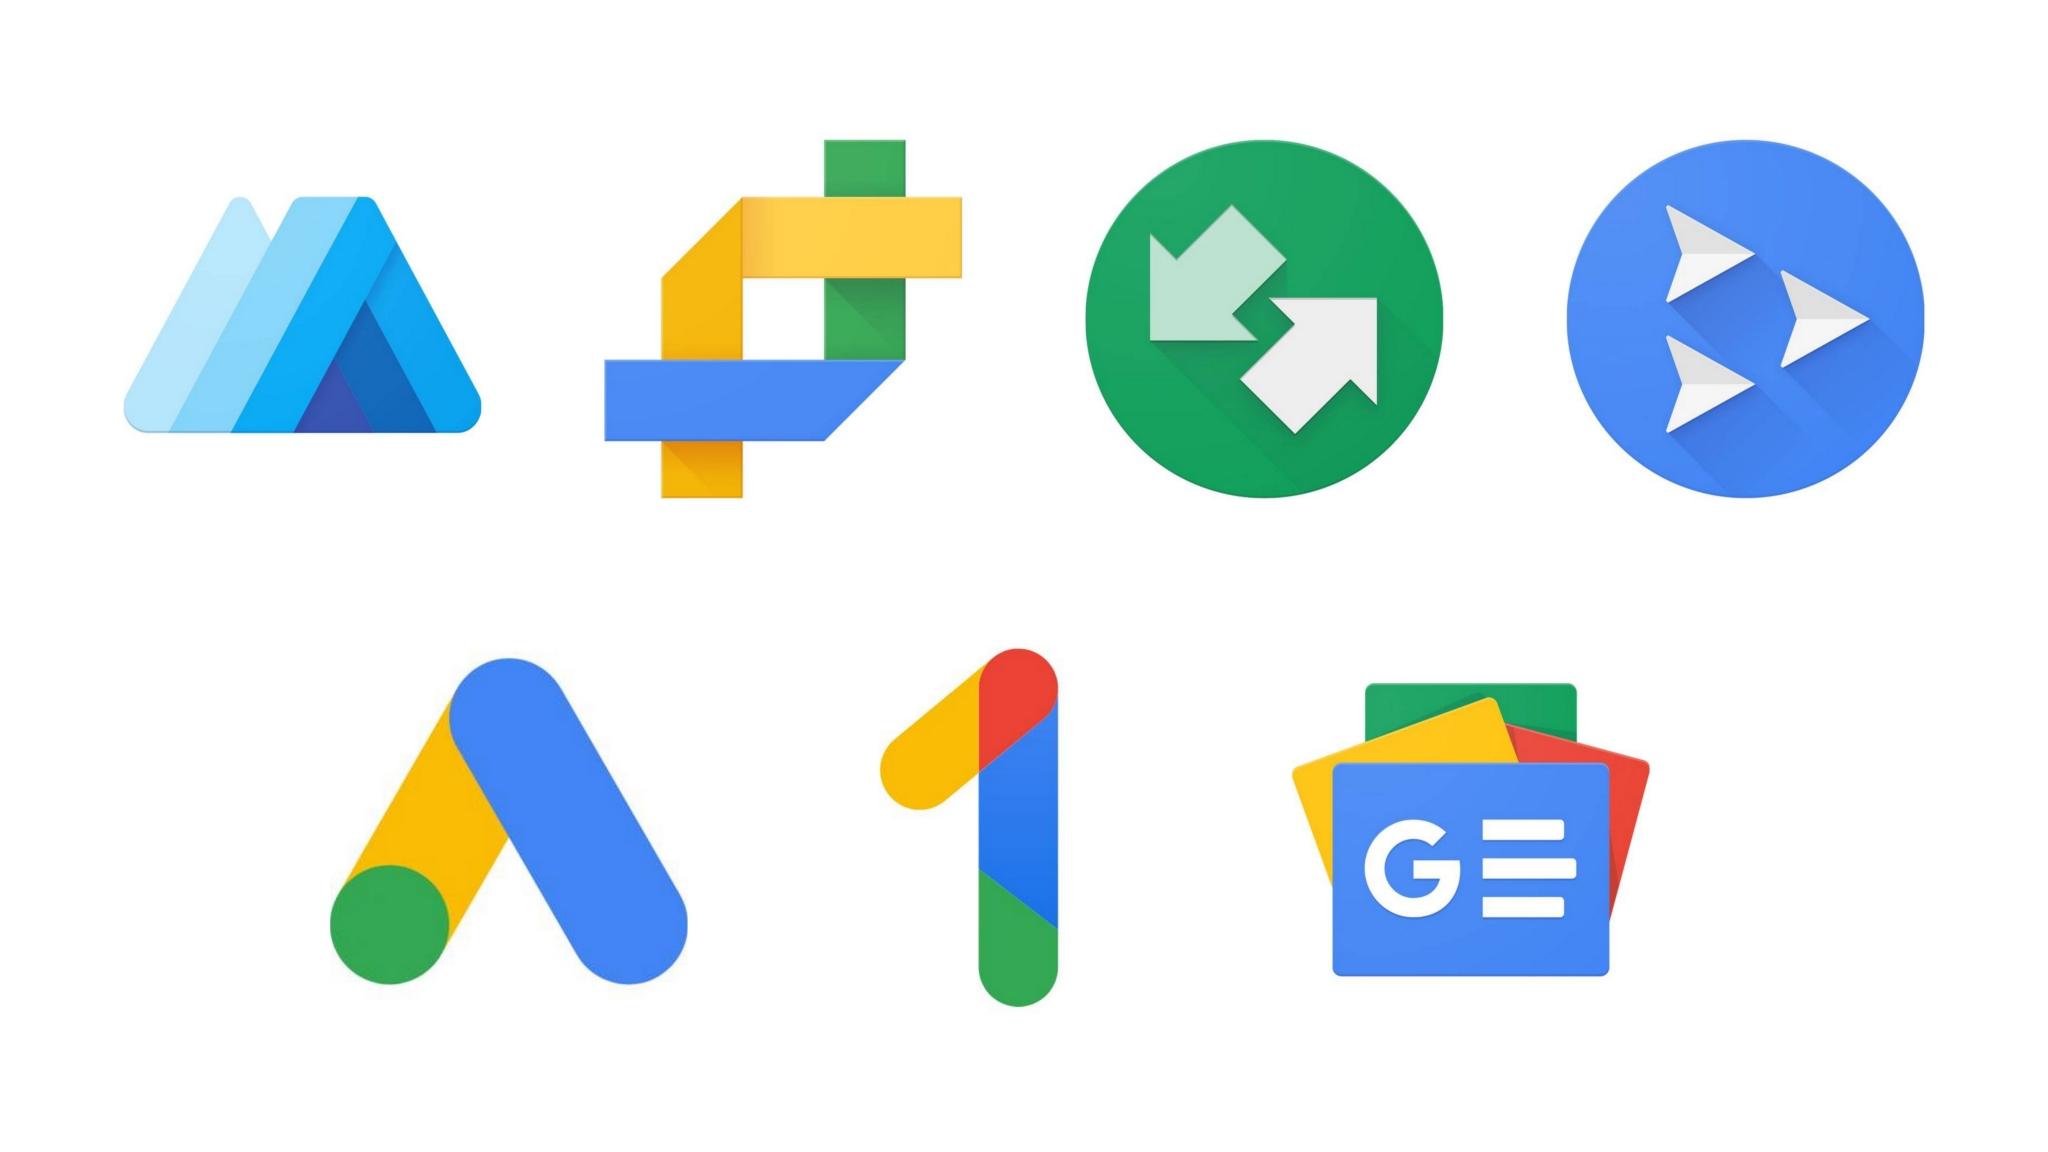 Chystané novinky od Googlu v rámci aplikací